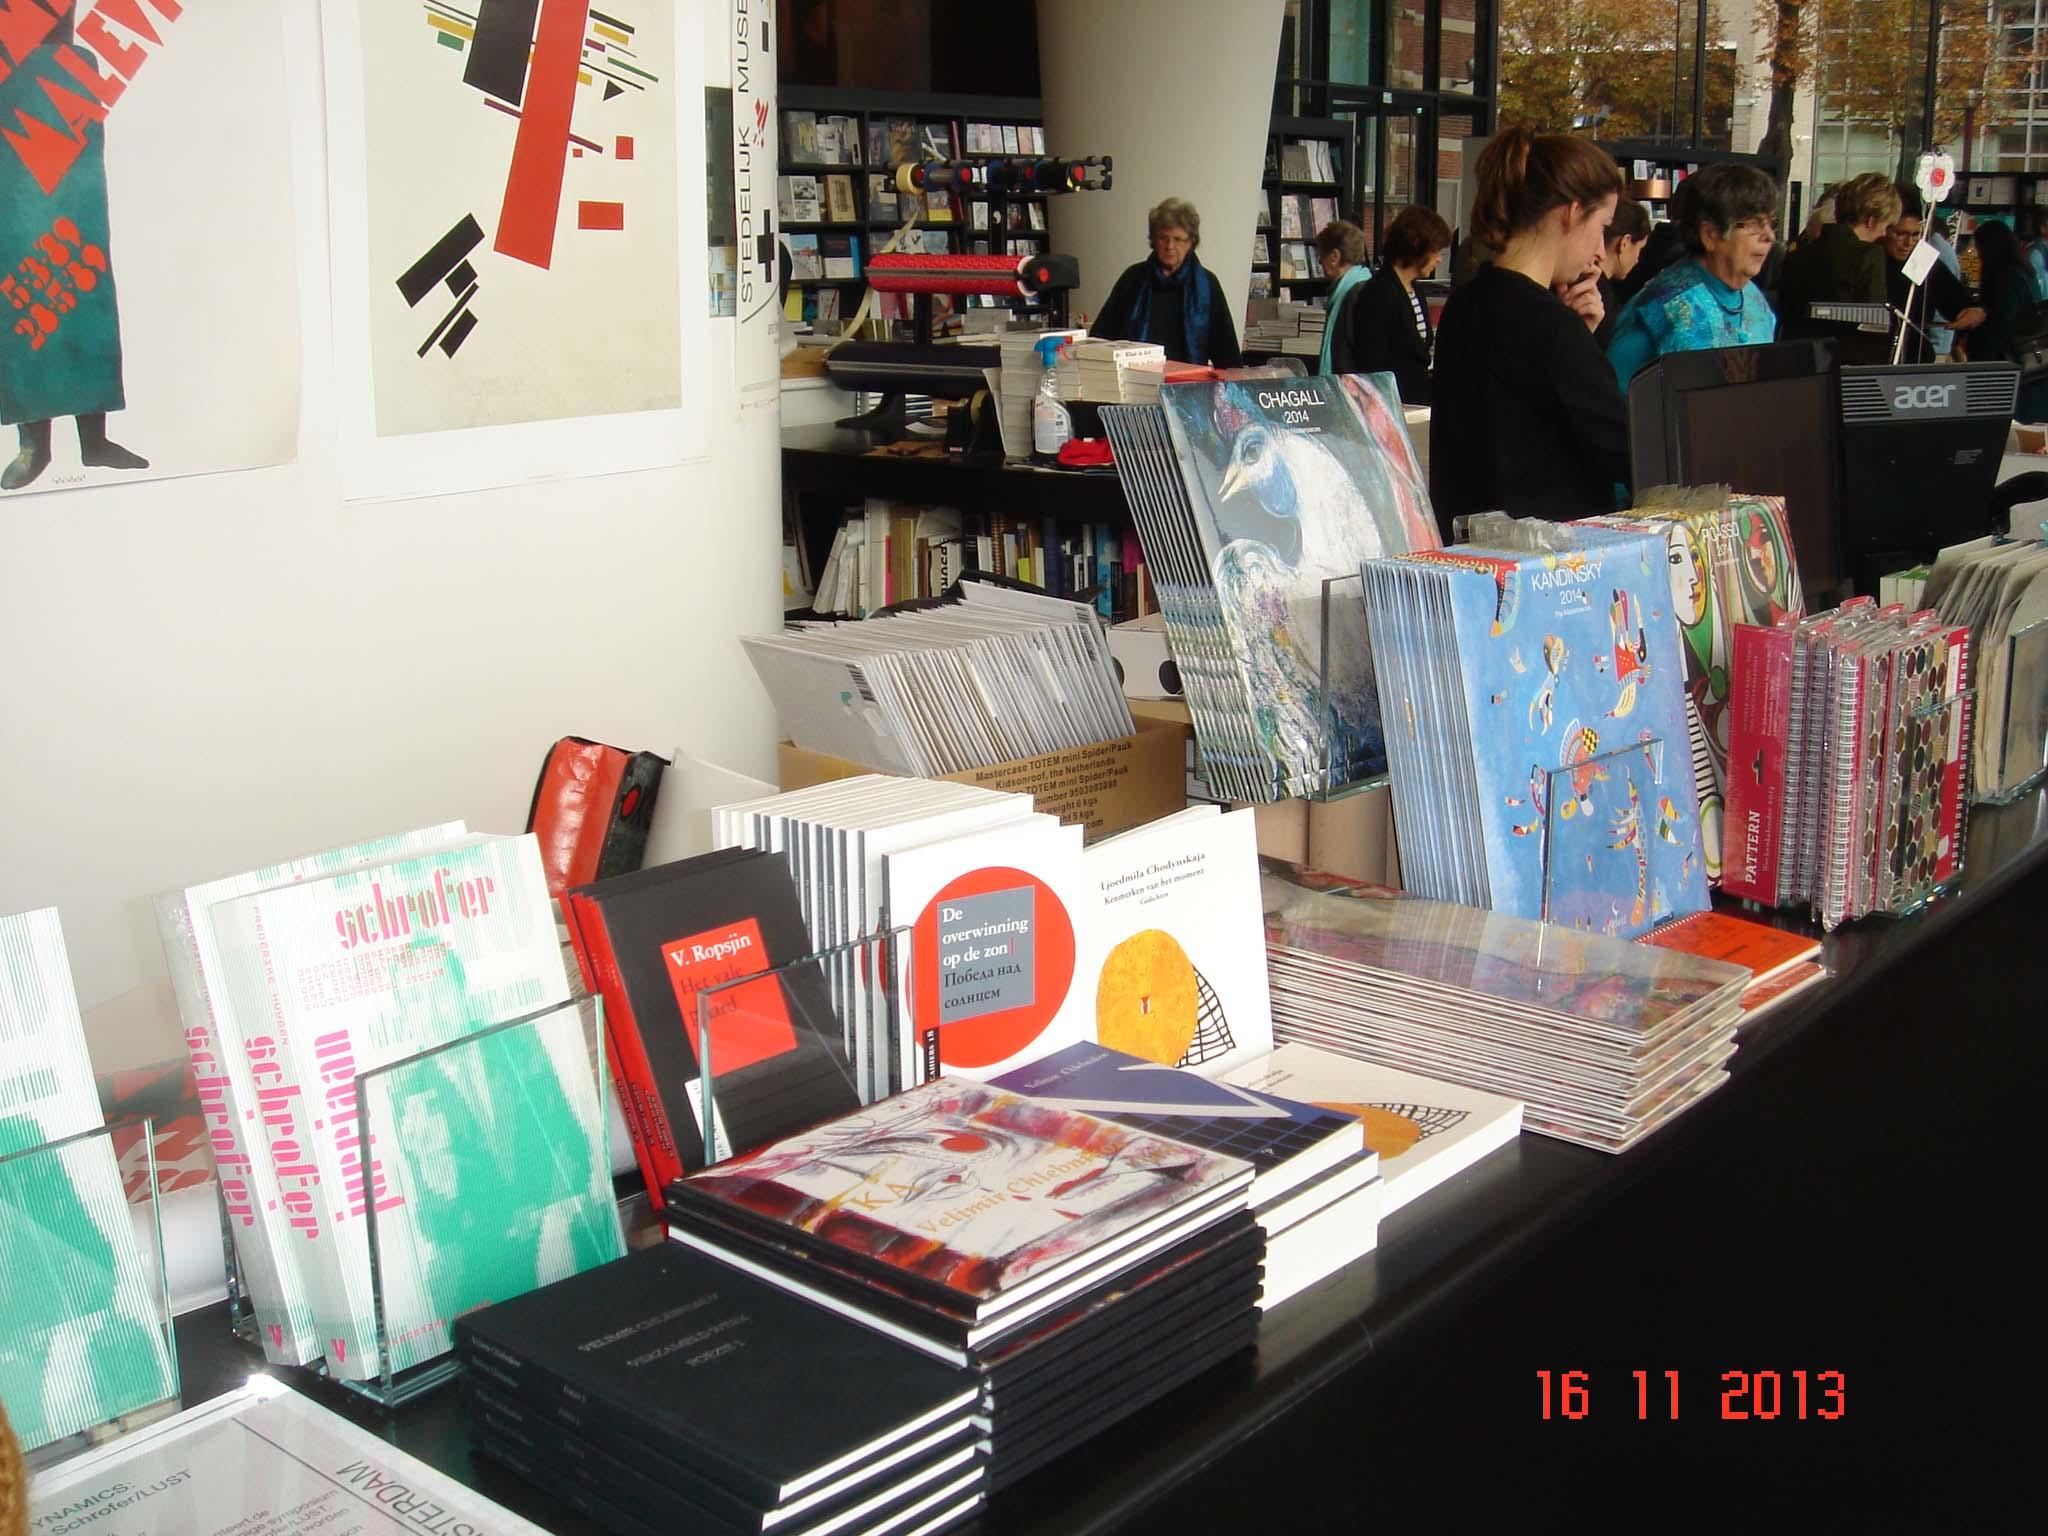 My book 'Kenmerken van het moment' sales on Malevich exposition in The Stedelijk museum Amsterdam/ November 2013